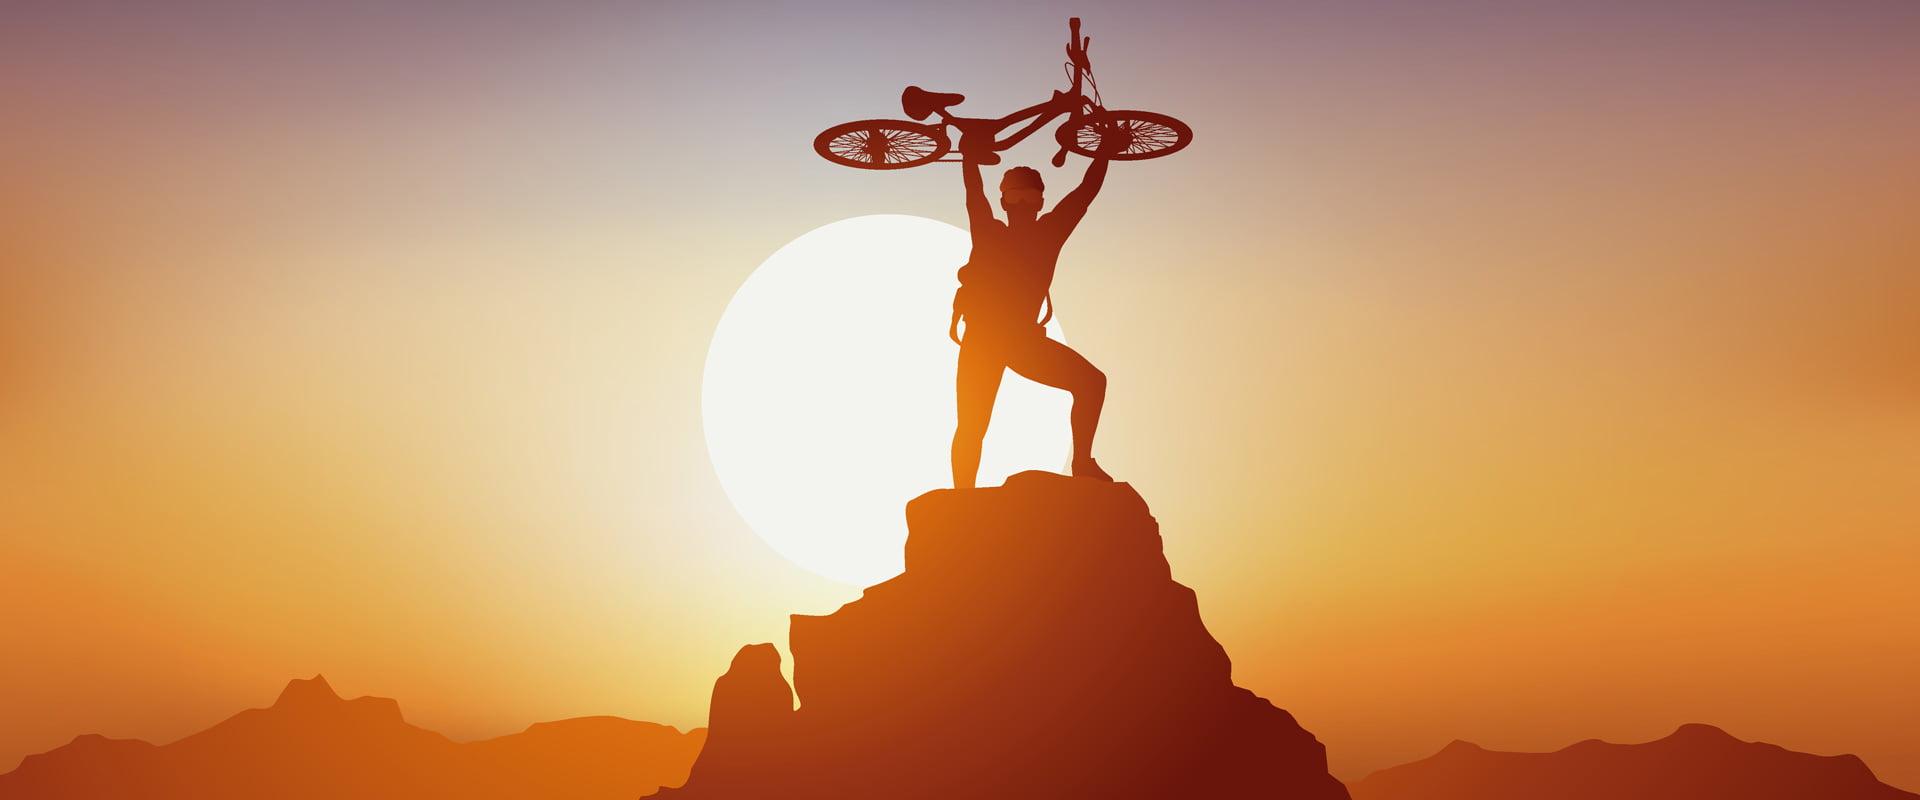 Sportspec vi hjälper dig med din förmånscykel